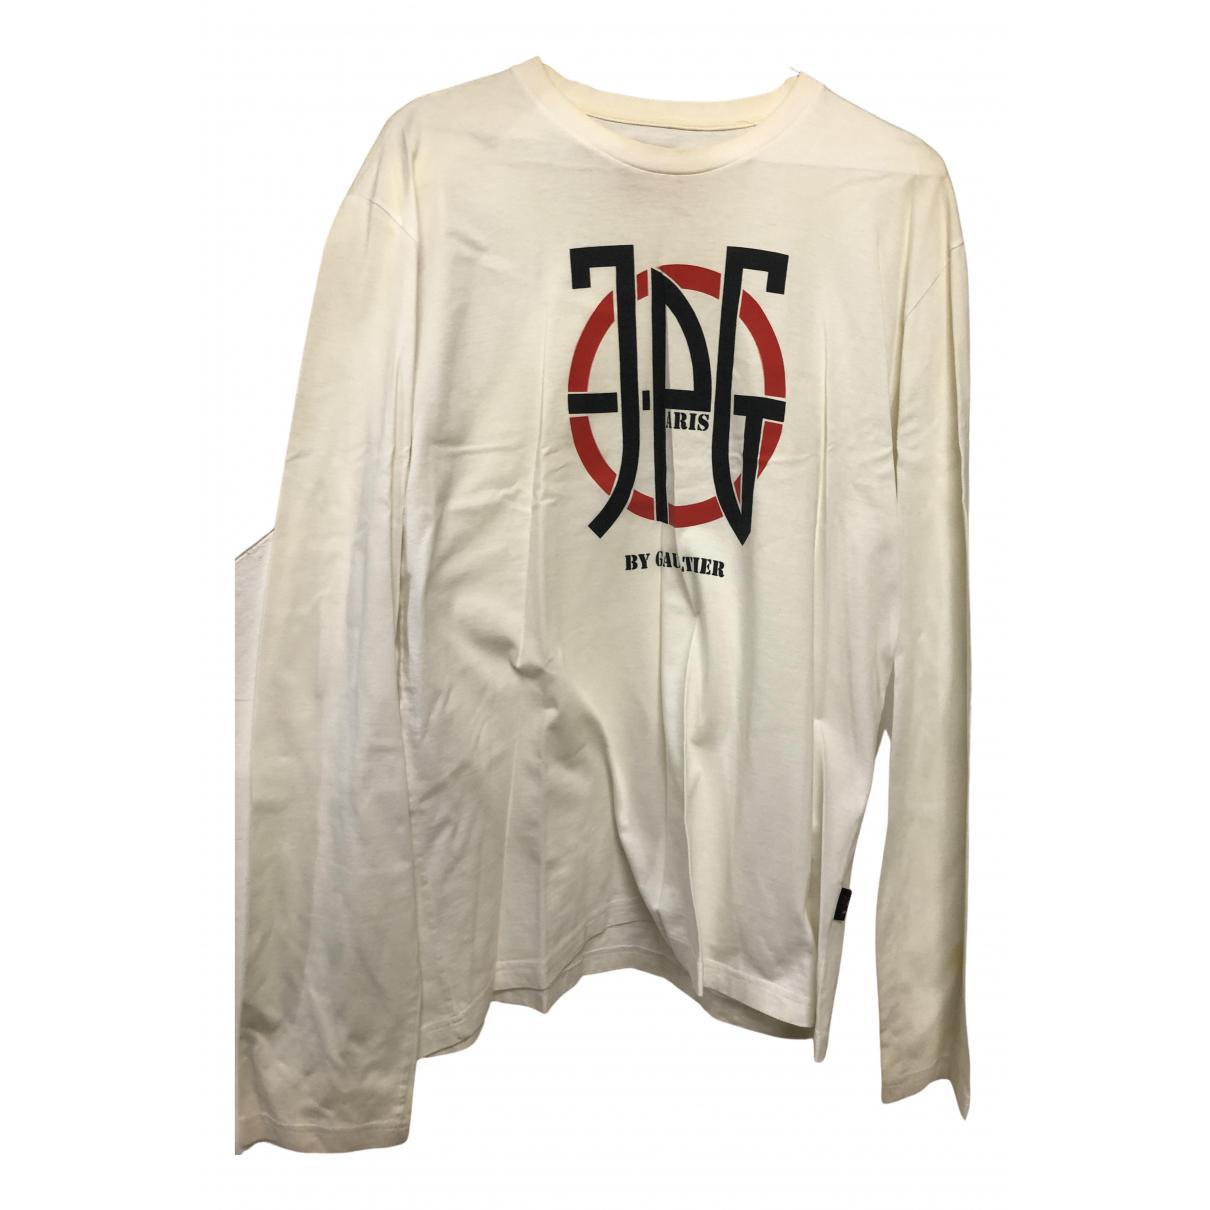 Jean Paul Gaultier - Tee shirts   pour homme en coton - blanc